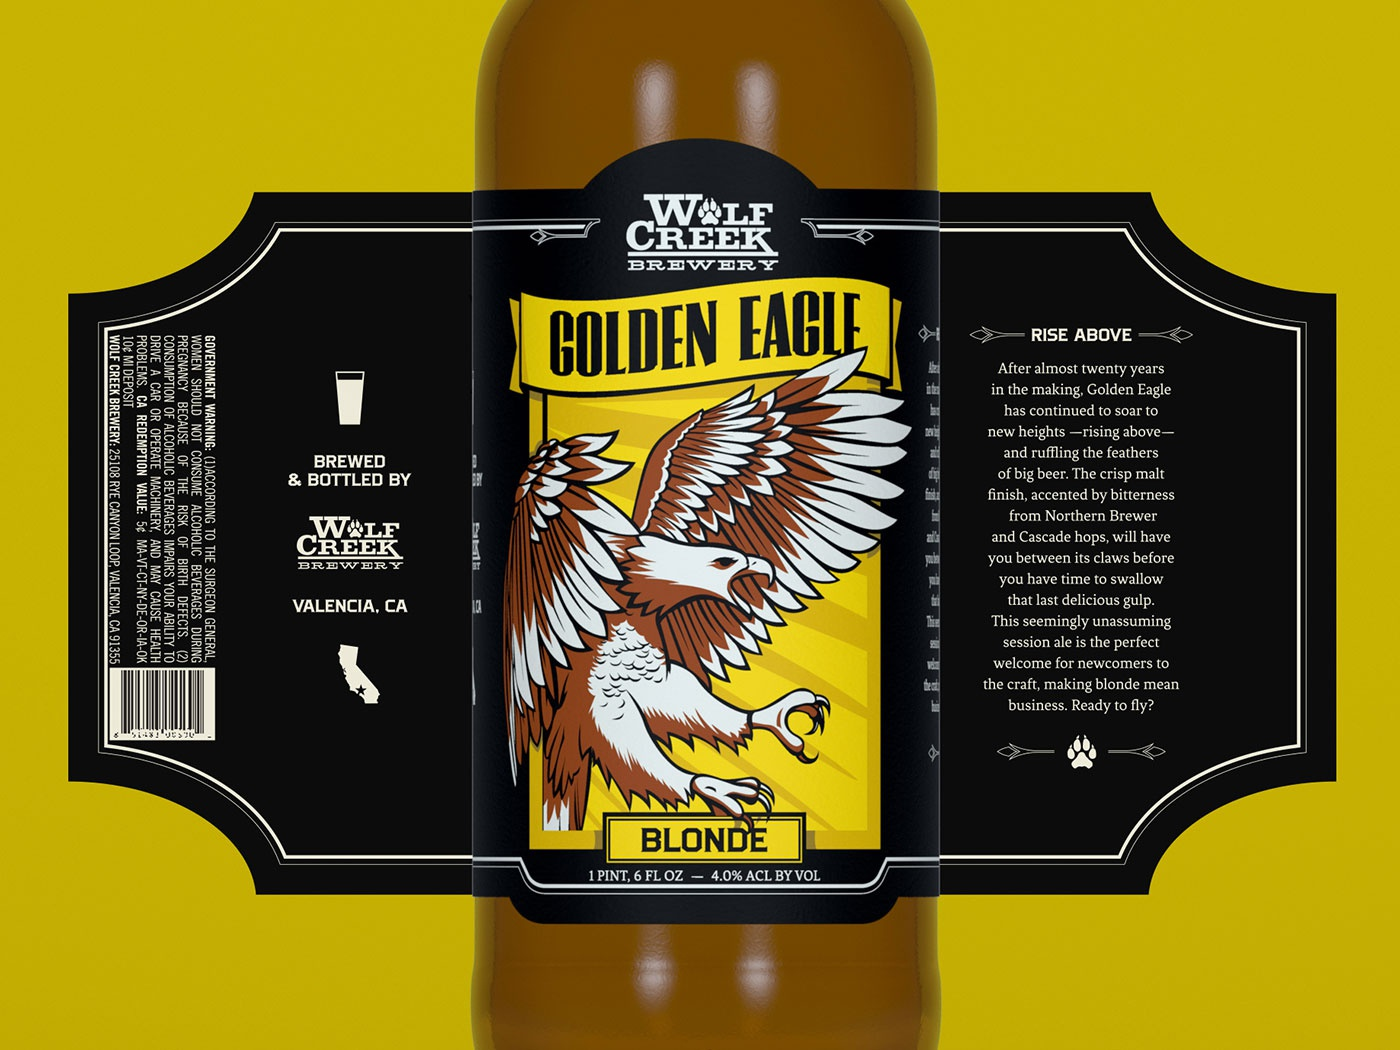 Wolf Creek Brewery - Golden Eagle beer label bottle label package design illustraion eagle blonde western branding craft beer